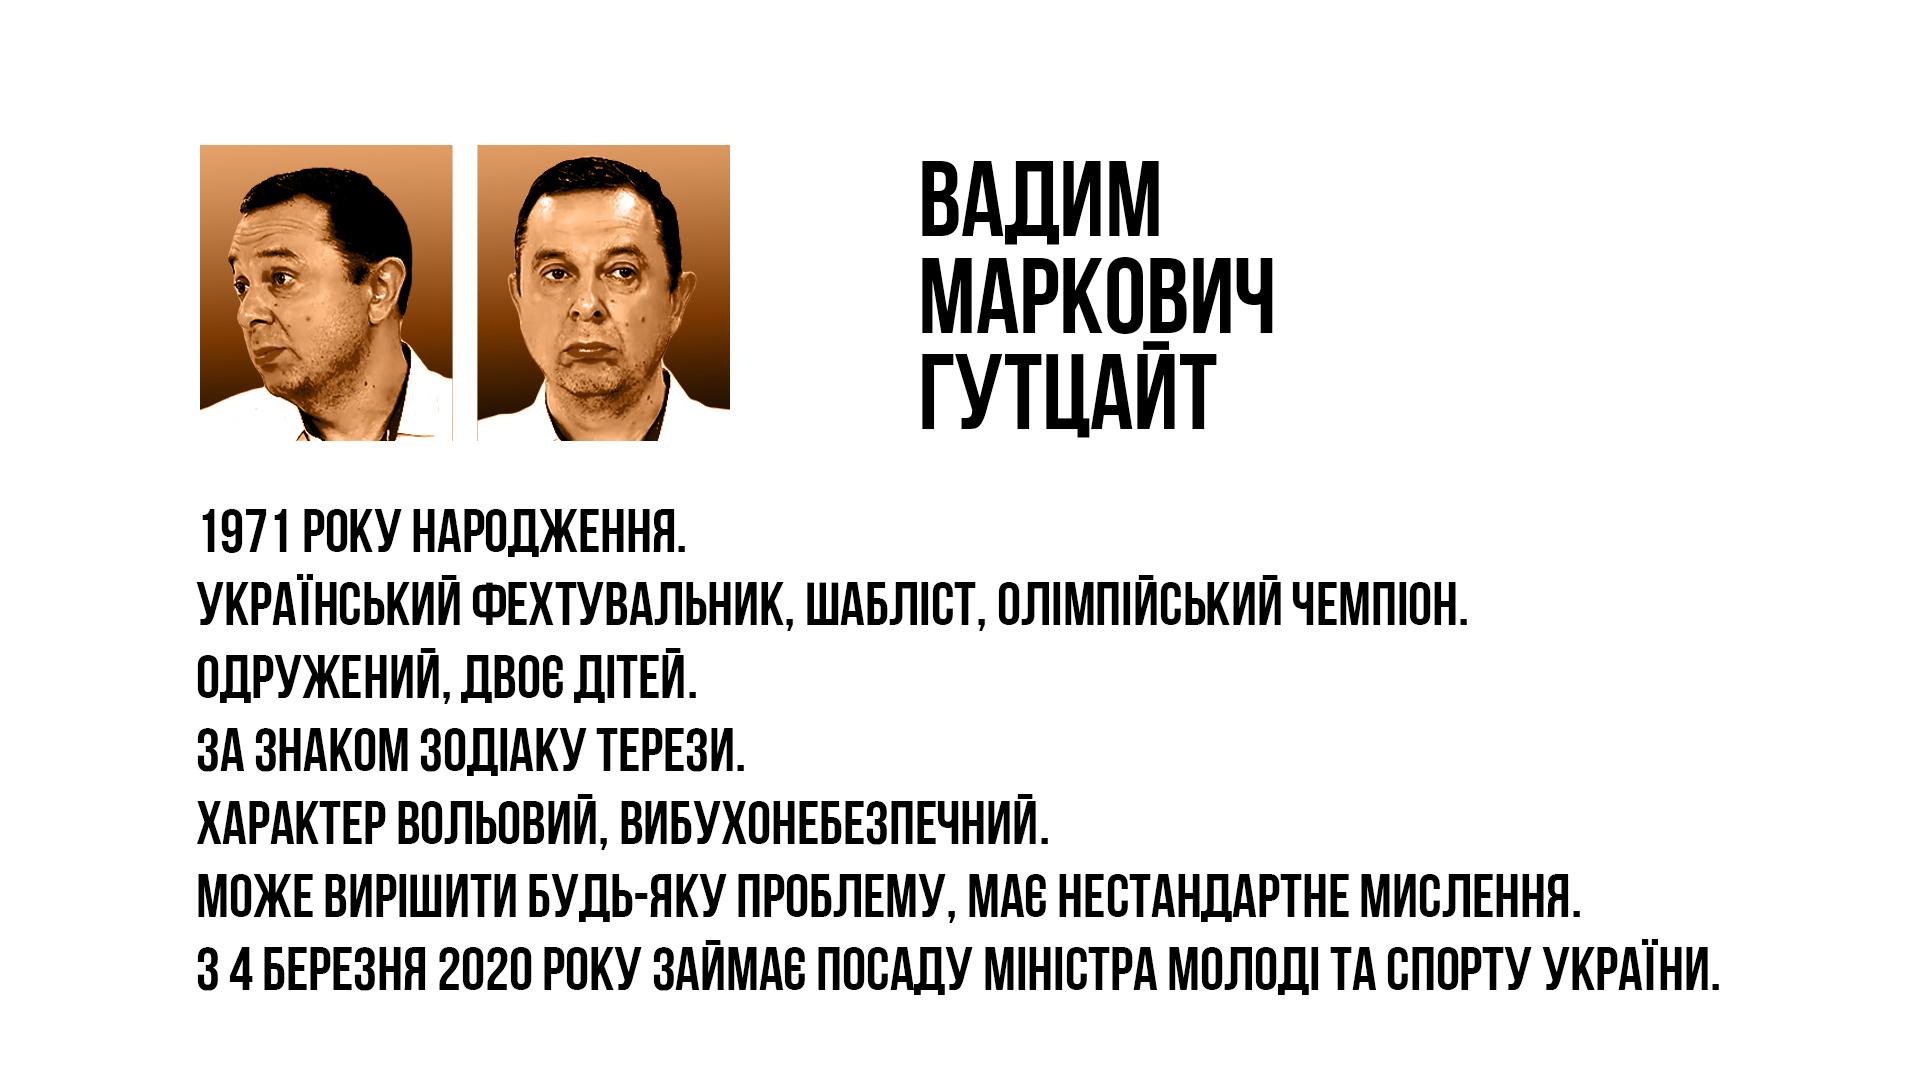 Вадим Гутцайт: «Гроші у Міністерстві молоді та спорту розкрадали роками» - фото 2